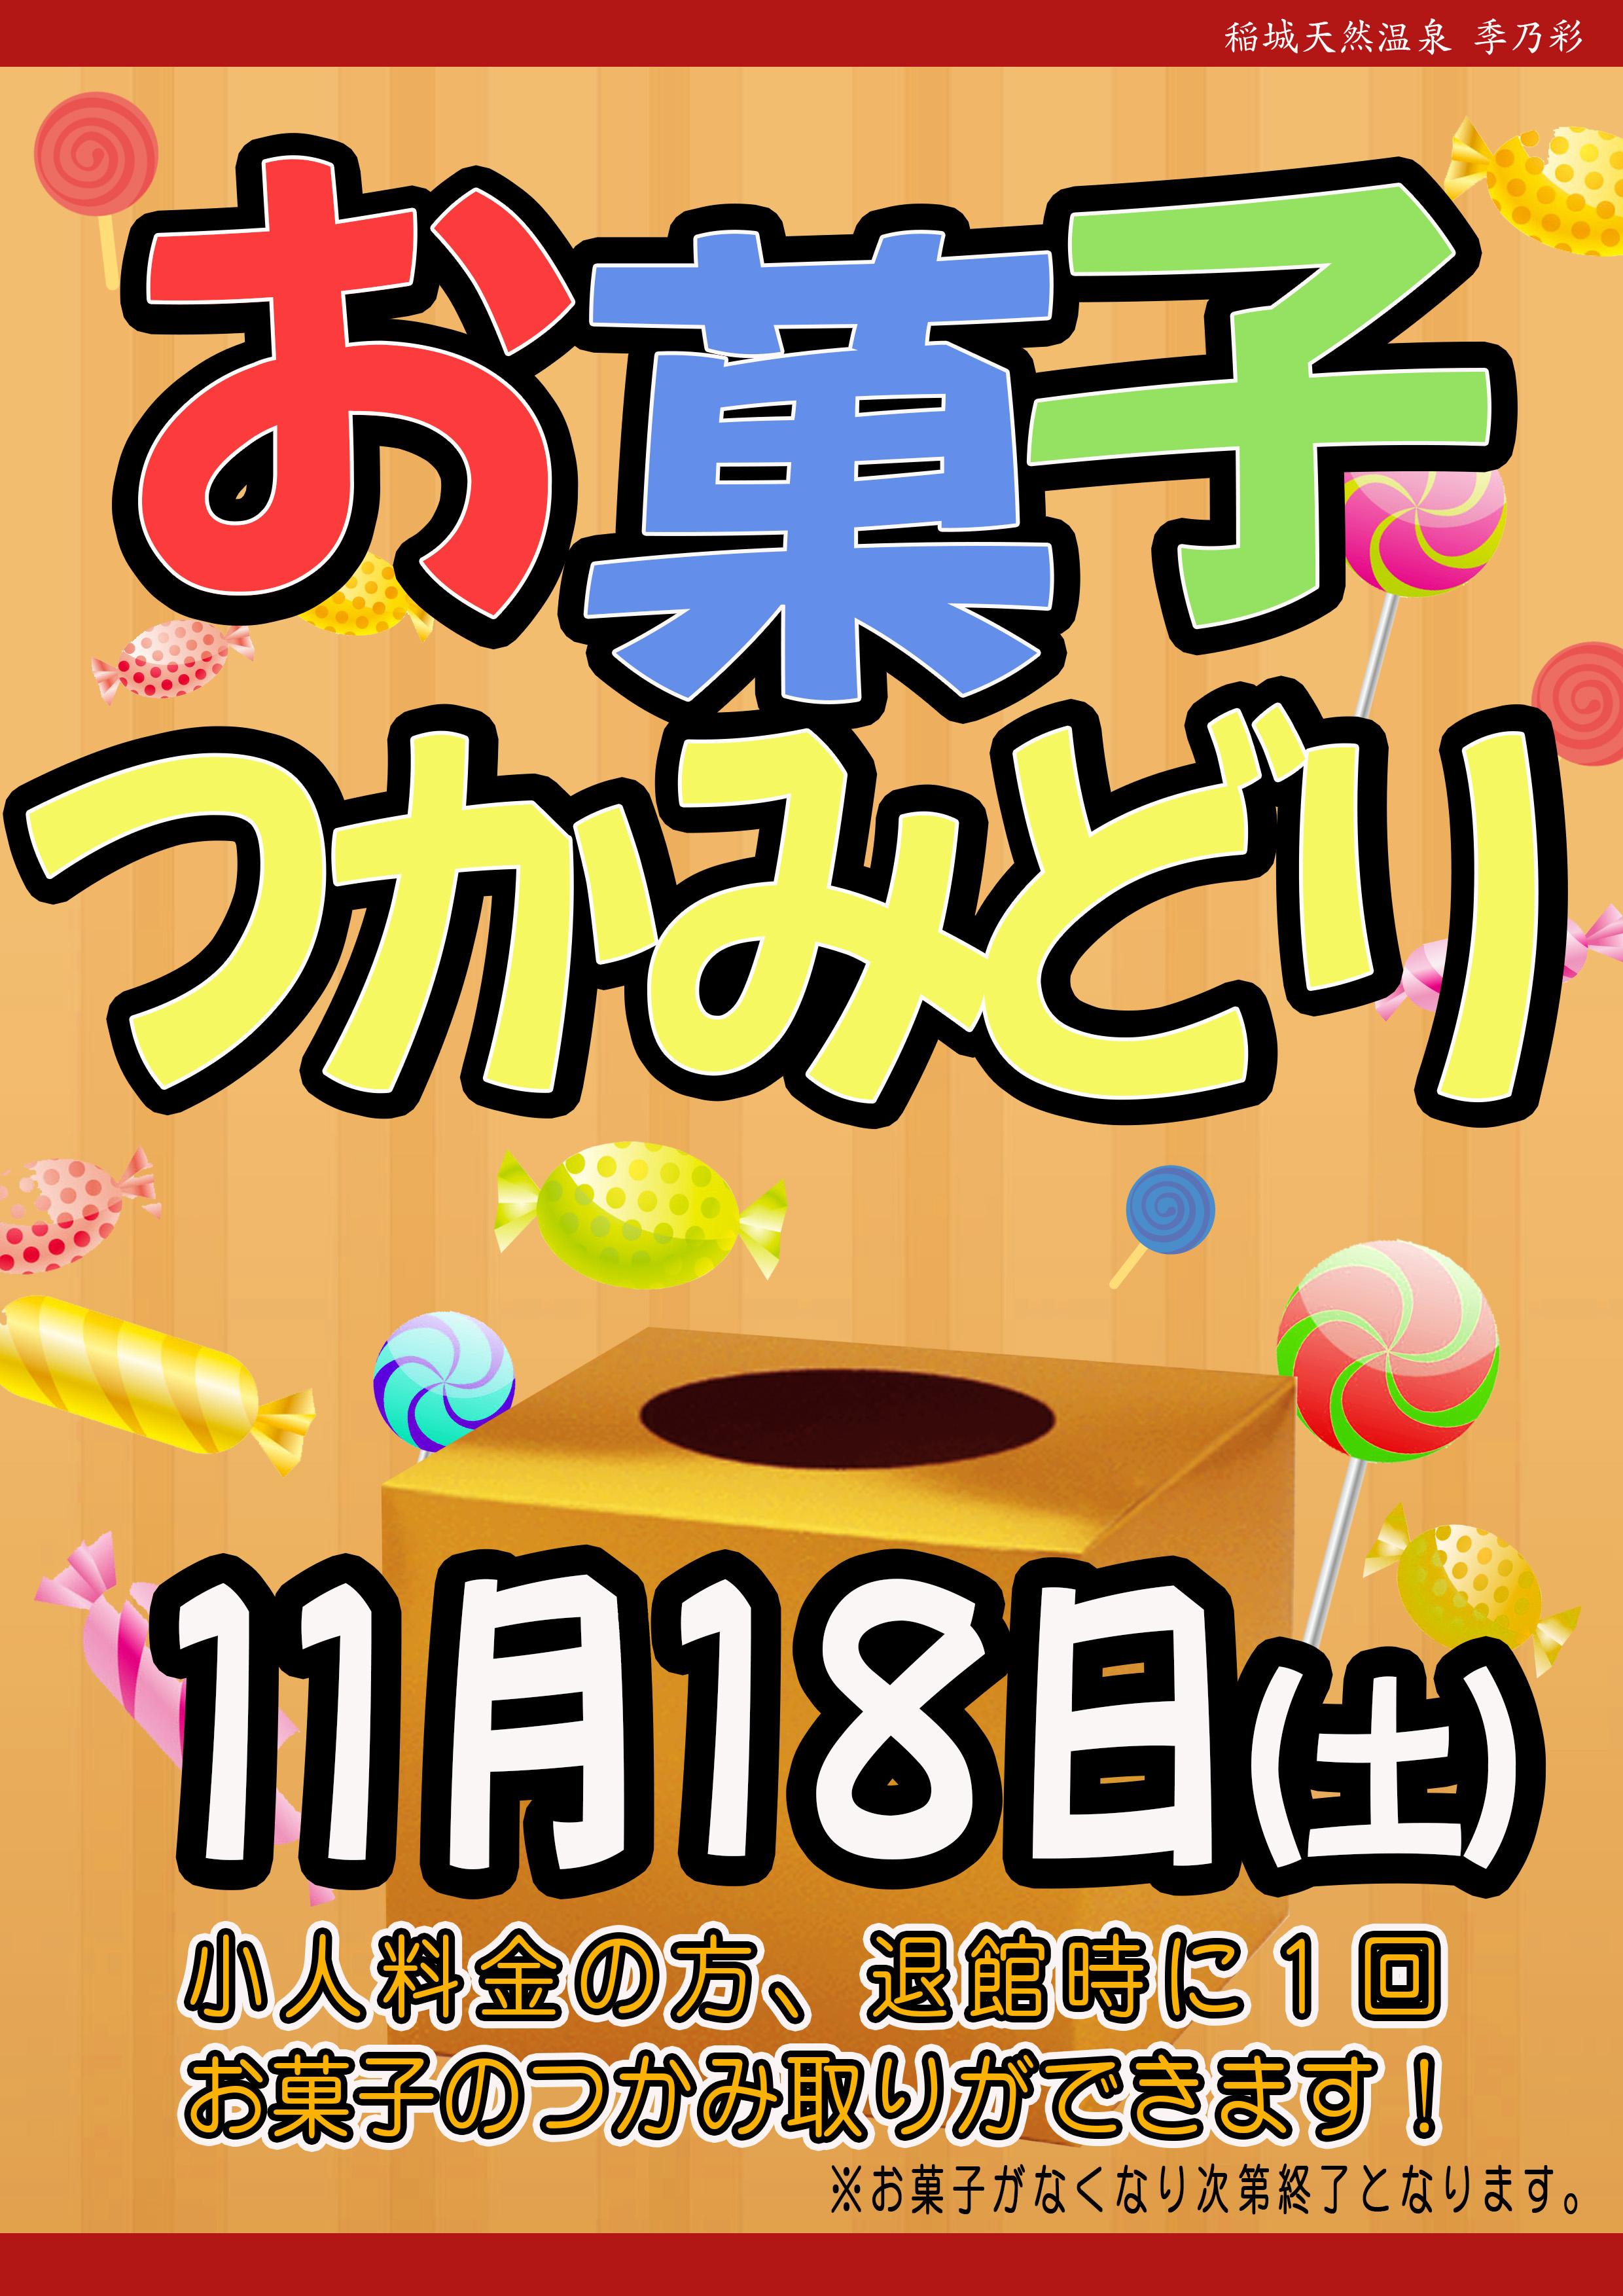 20171118POP イベント お菓子つかみ取り